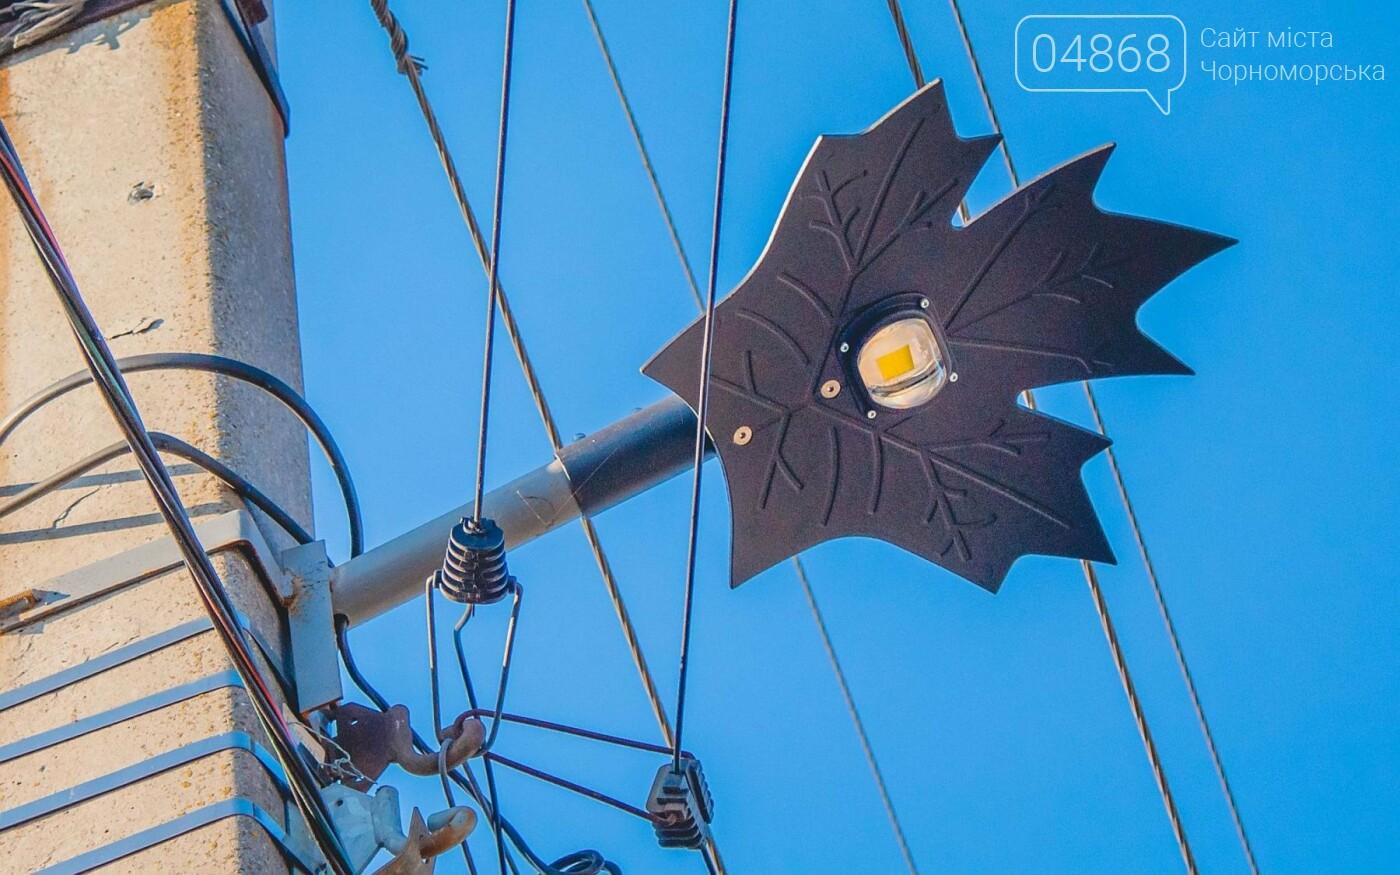 Специалисты «Илкомсвита» обслуживают свыше 5000 светильников в Черноморске, фото-1